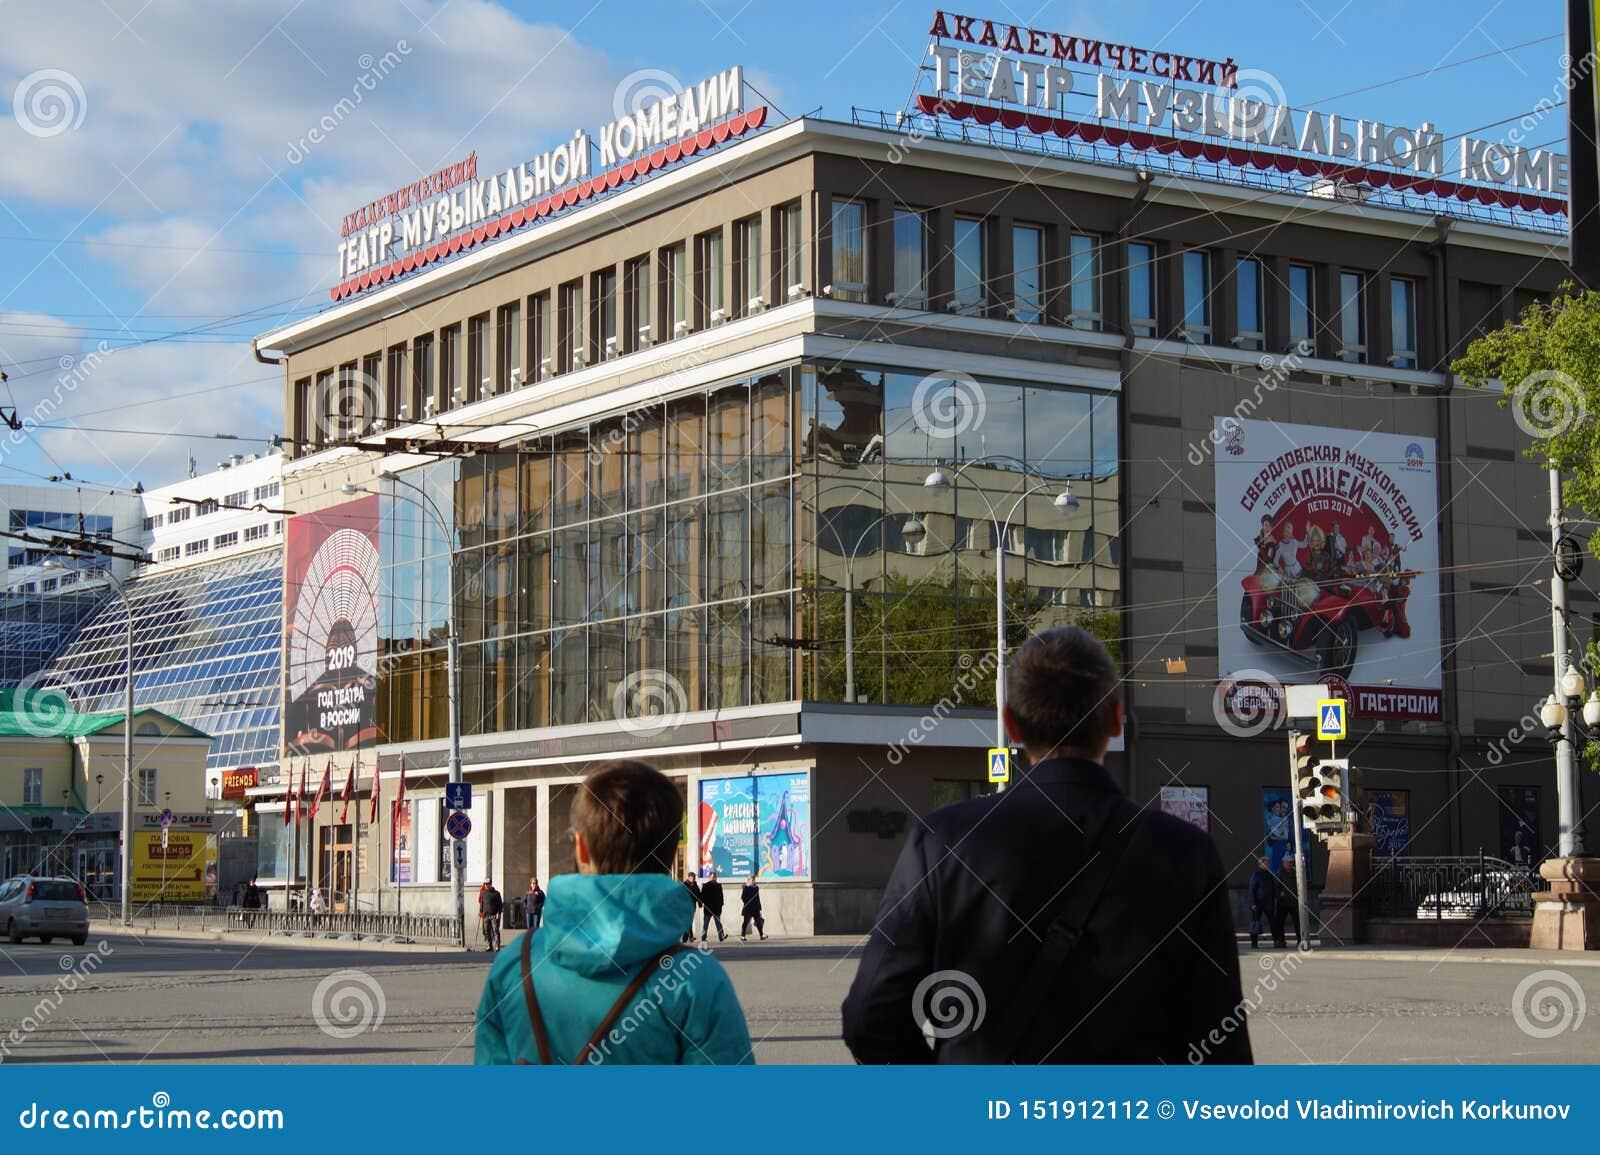 Kreml miasta krajobrazu noc znale?? odzwierciedlenie rzeki Uliczny Karl Liebknecht 20 Teatr Muzykalna komedia Dziejowy budynek